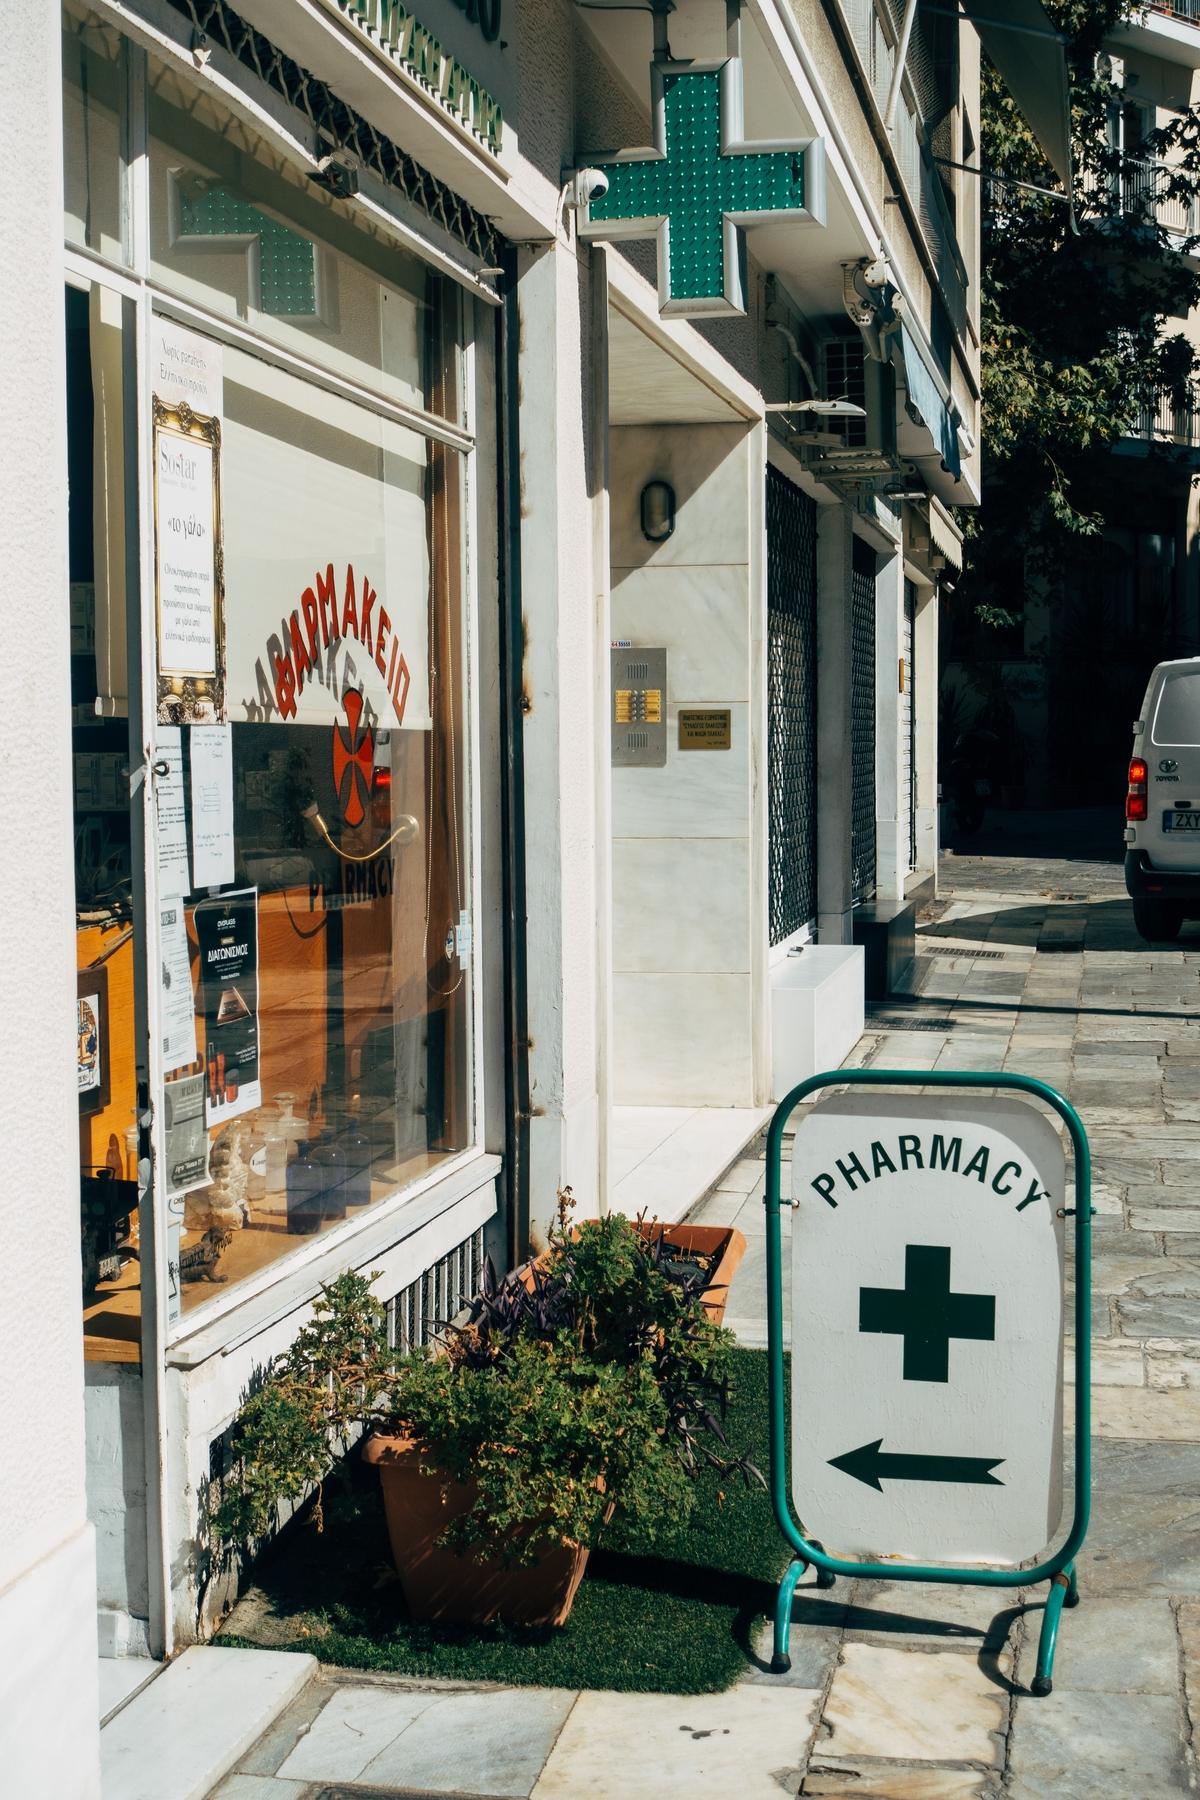 Зная название действующего вещества, вы в большинстве случаев без проблем купите лекарство за границей